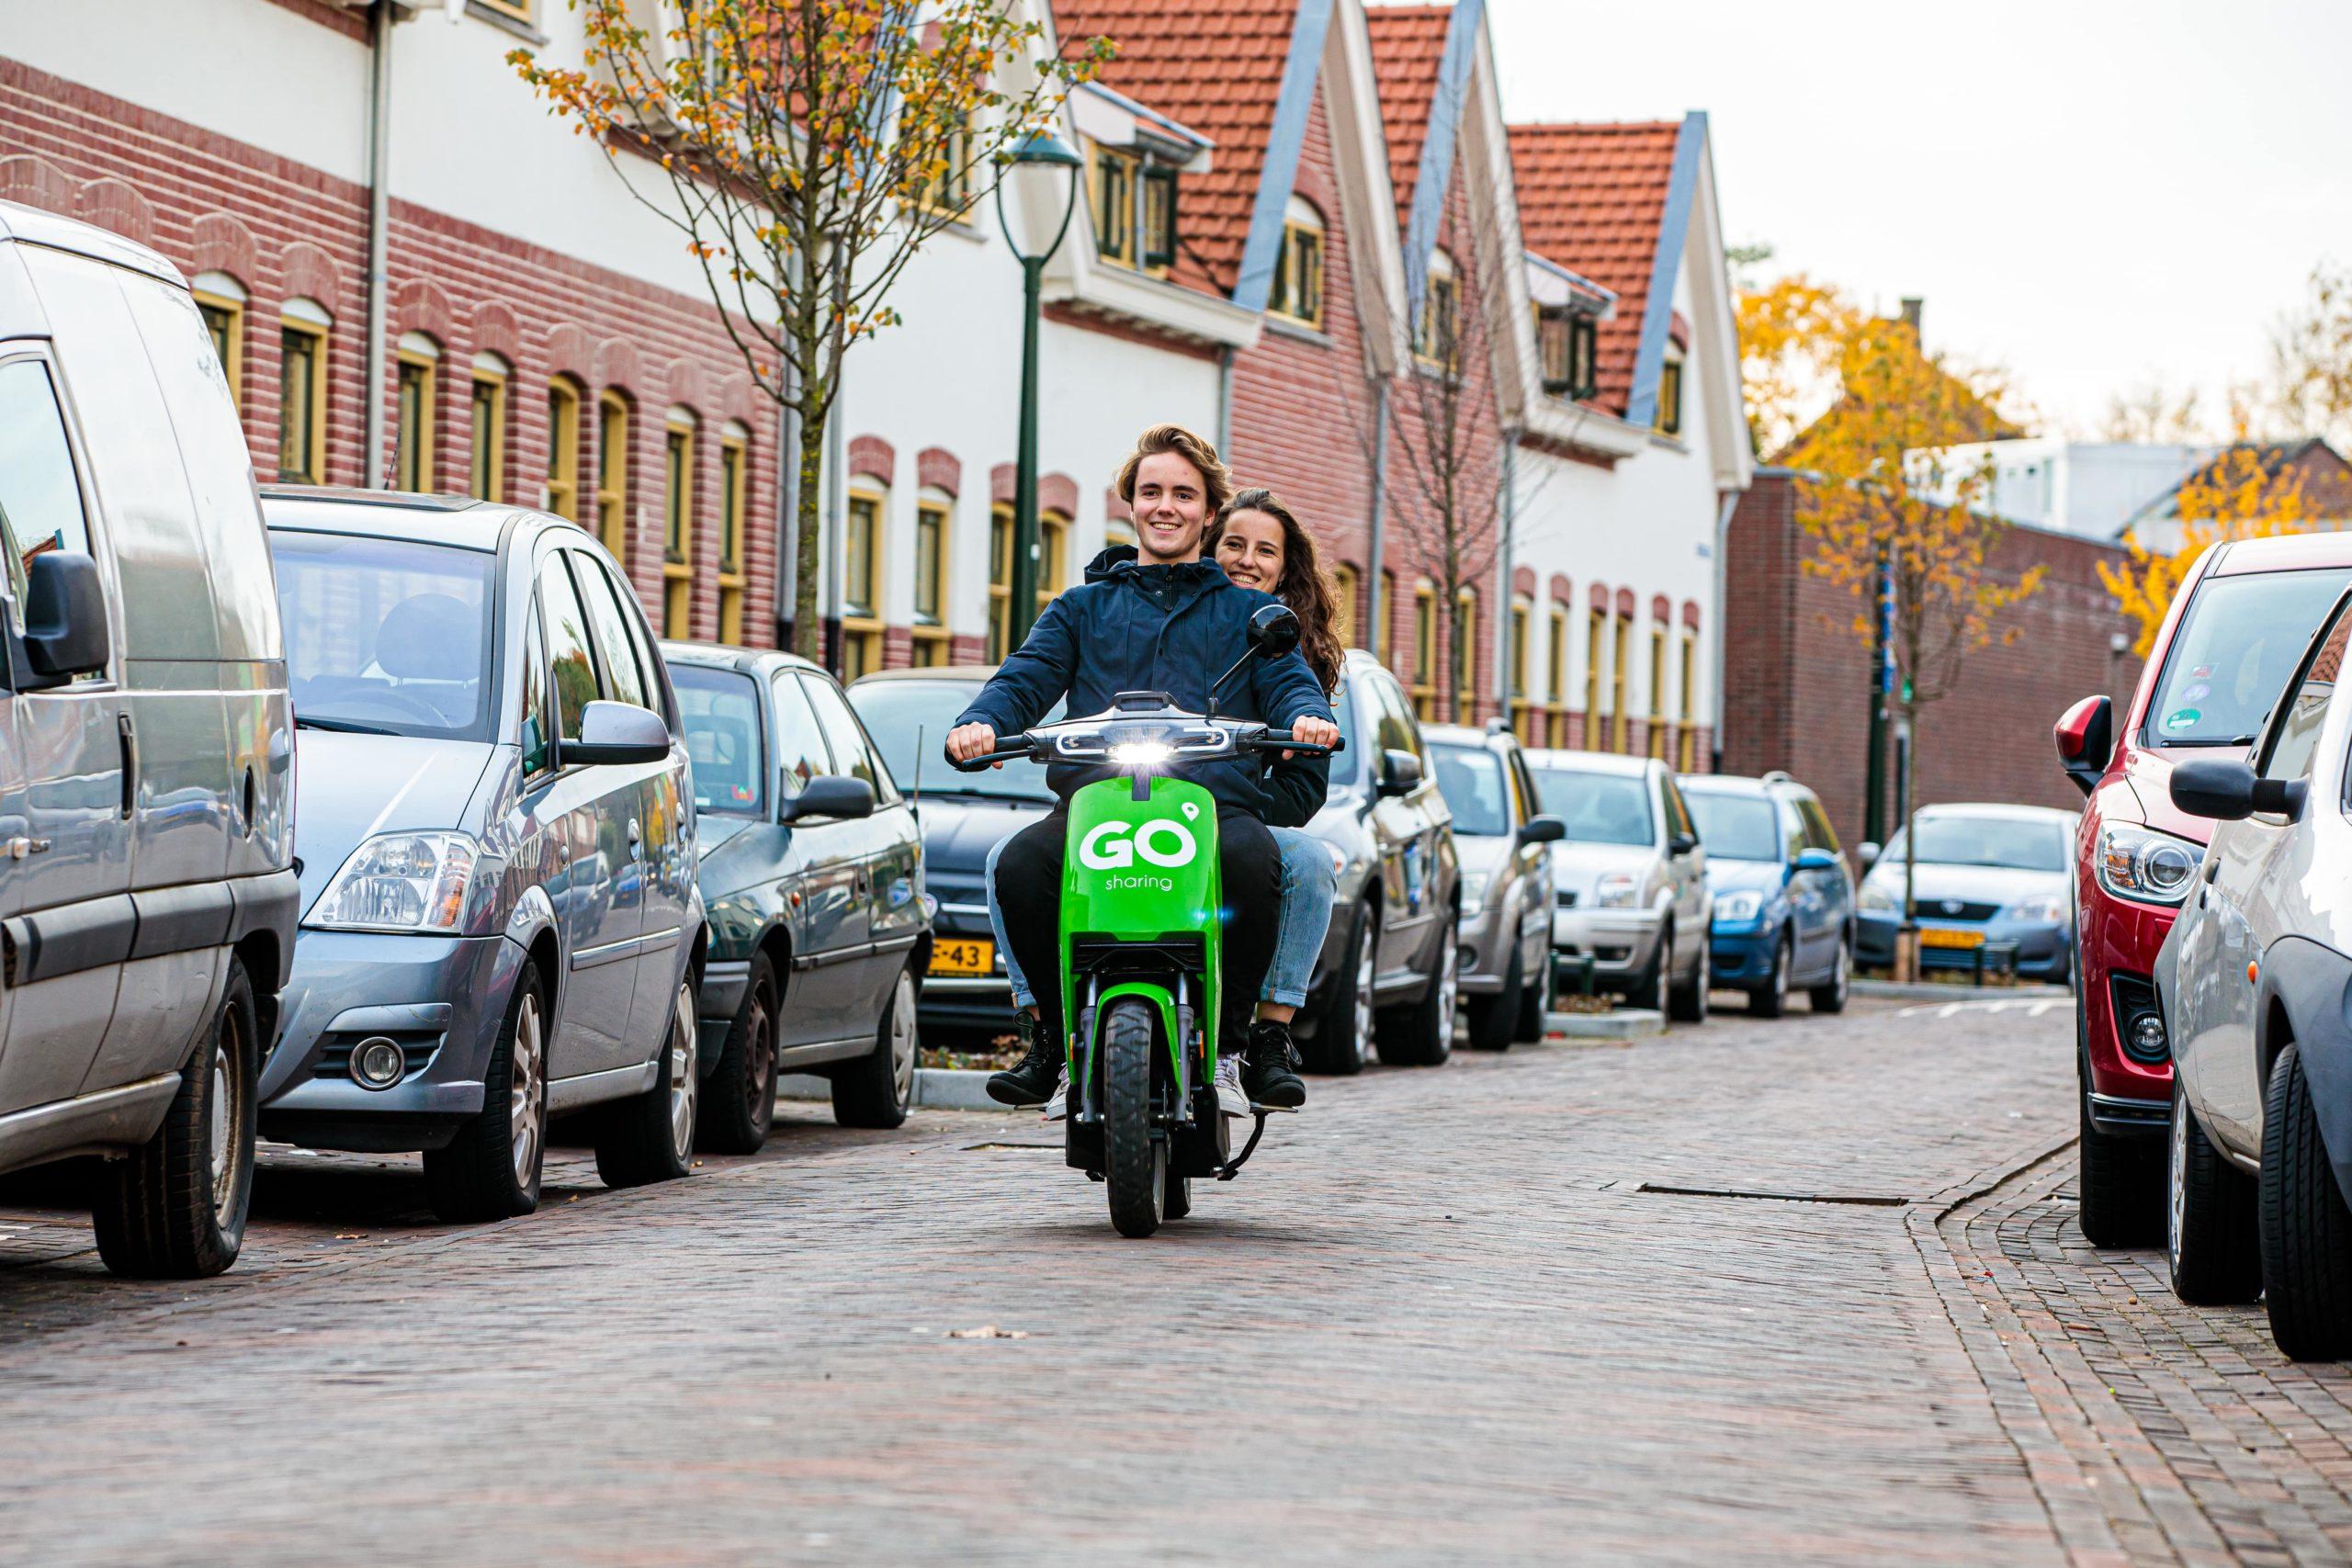 10 miljoen euro voor e-scooter deelsysteem GO Sharing!